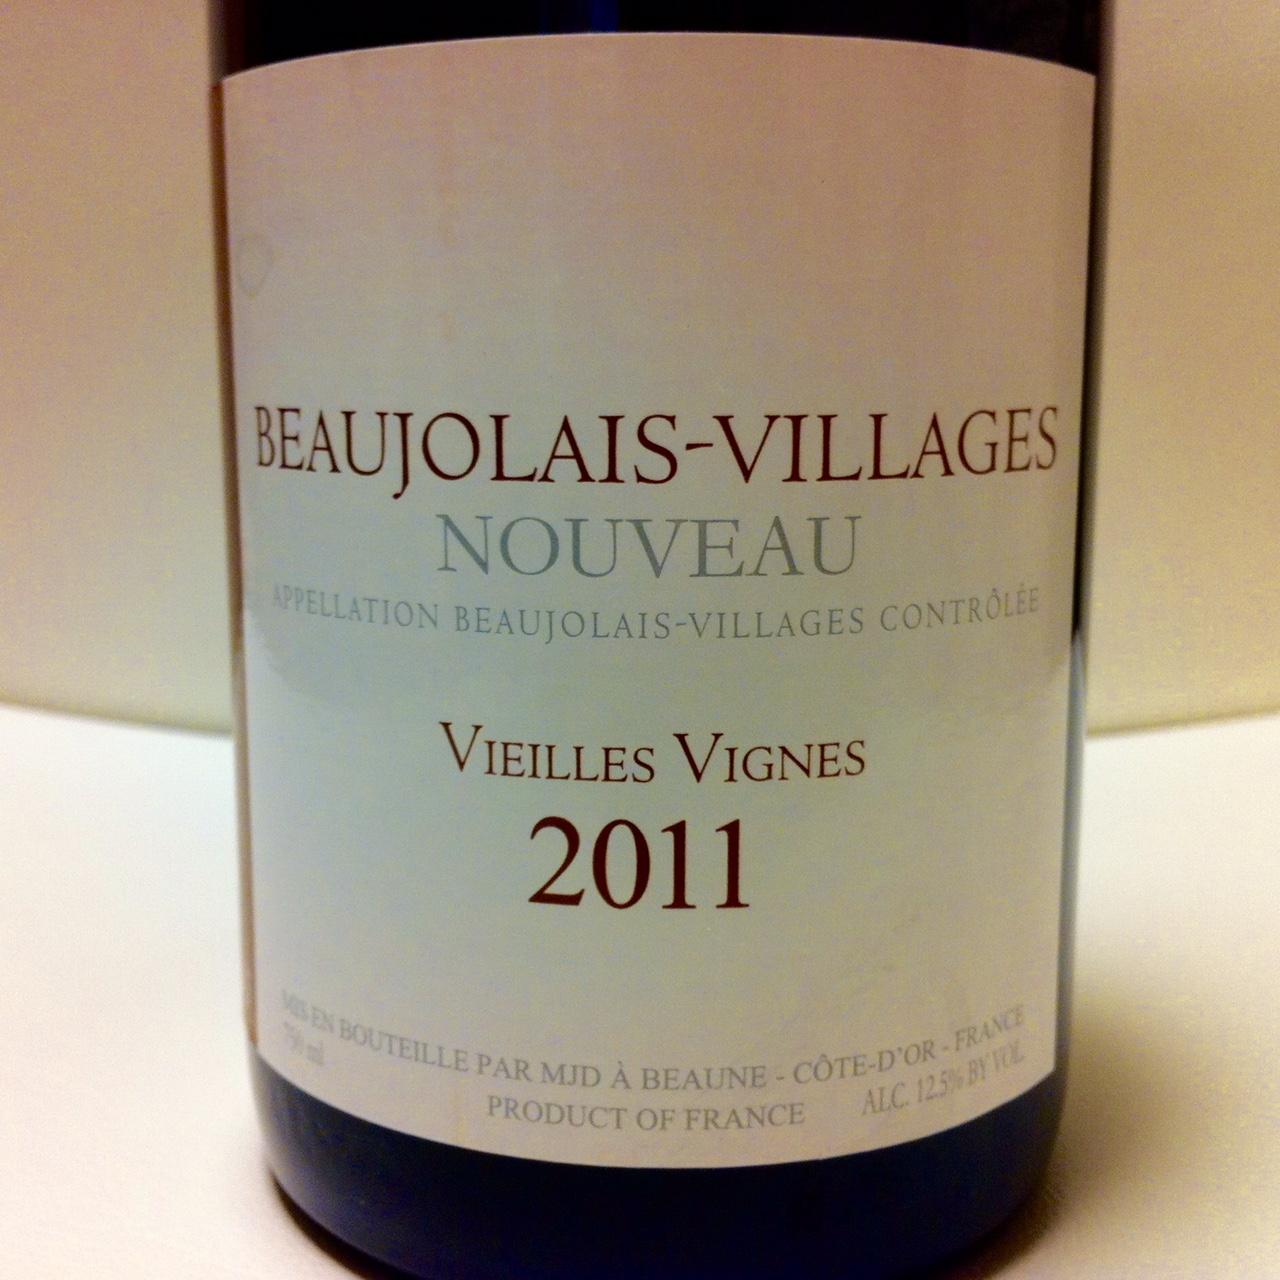 beaujolais-villages nouveau 2011